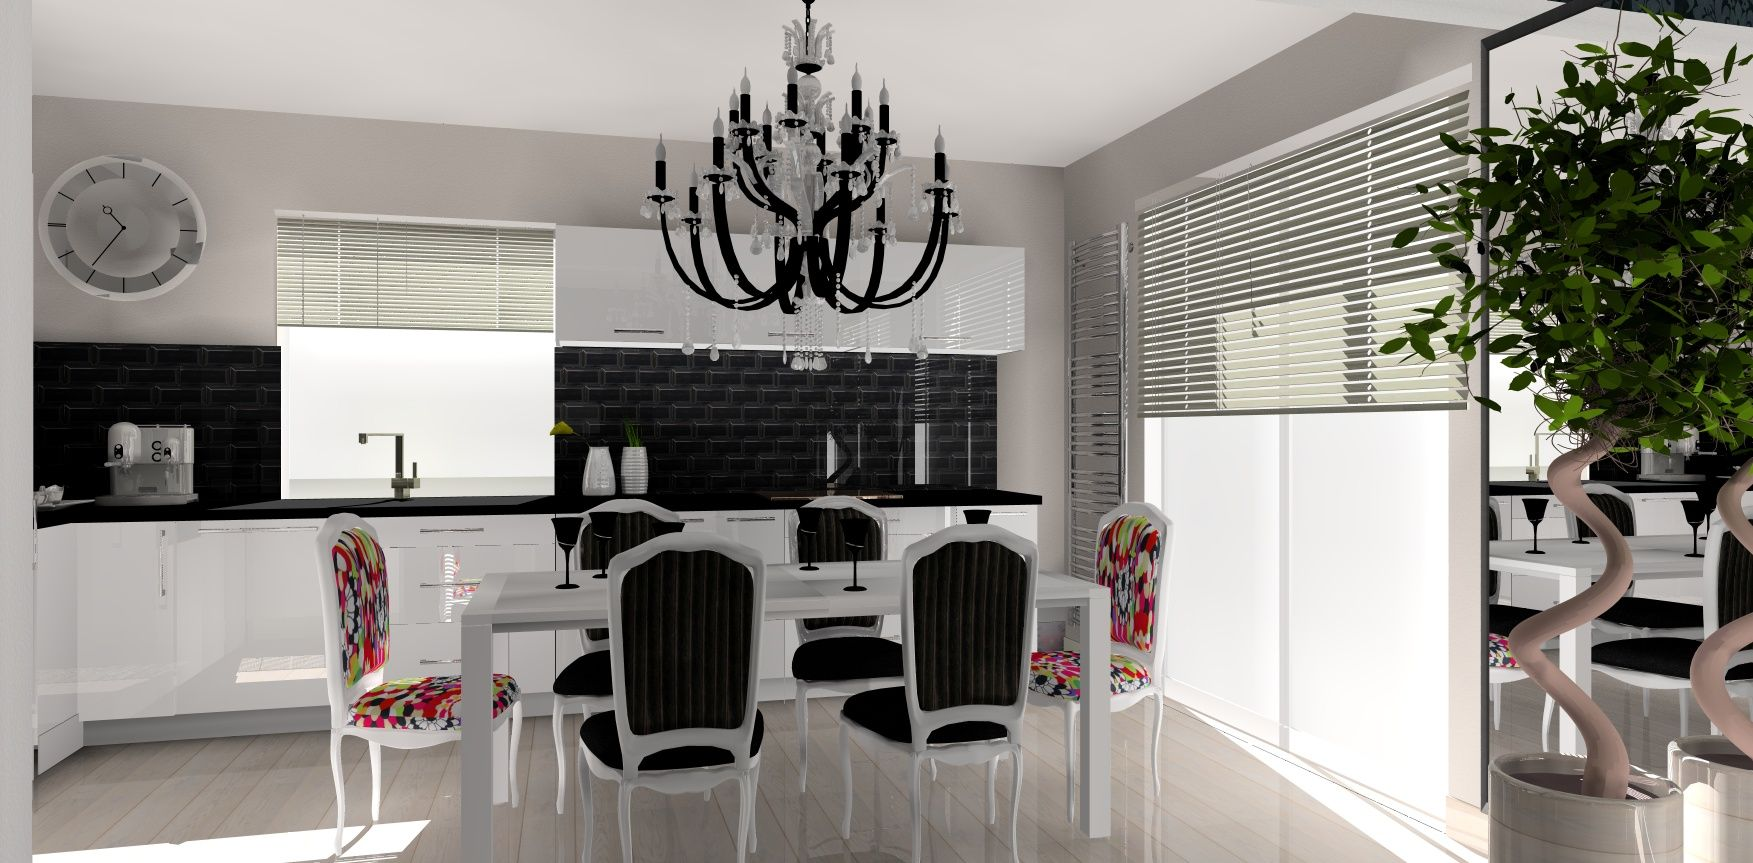 simulation amnagement intrieur cool simulateur d amenagement interieur gratuit logiciel. Black Bedroom Furniture Sets. Home Design Ideas